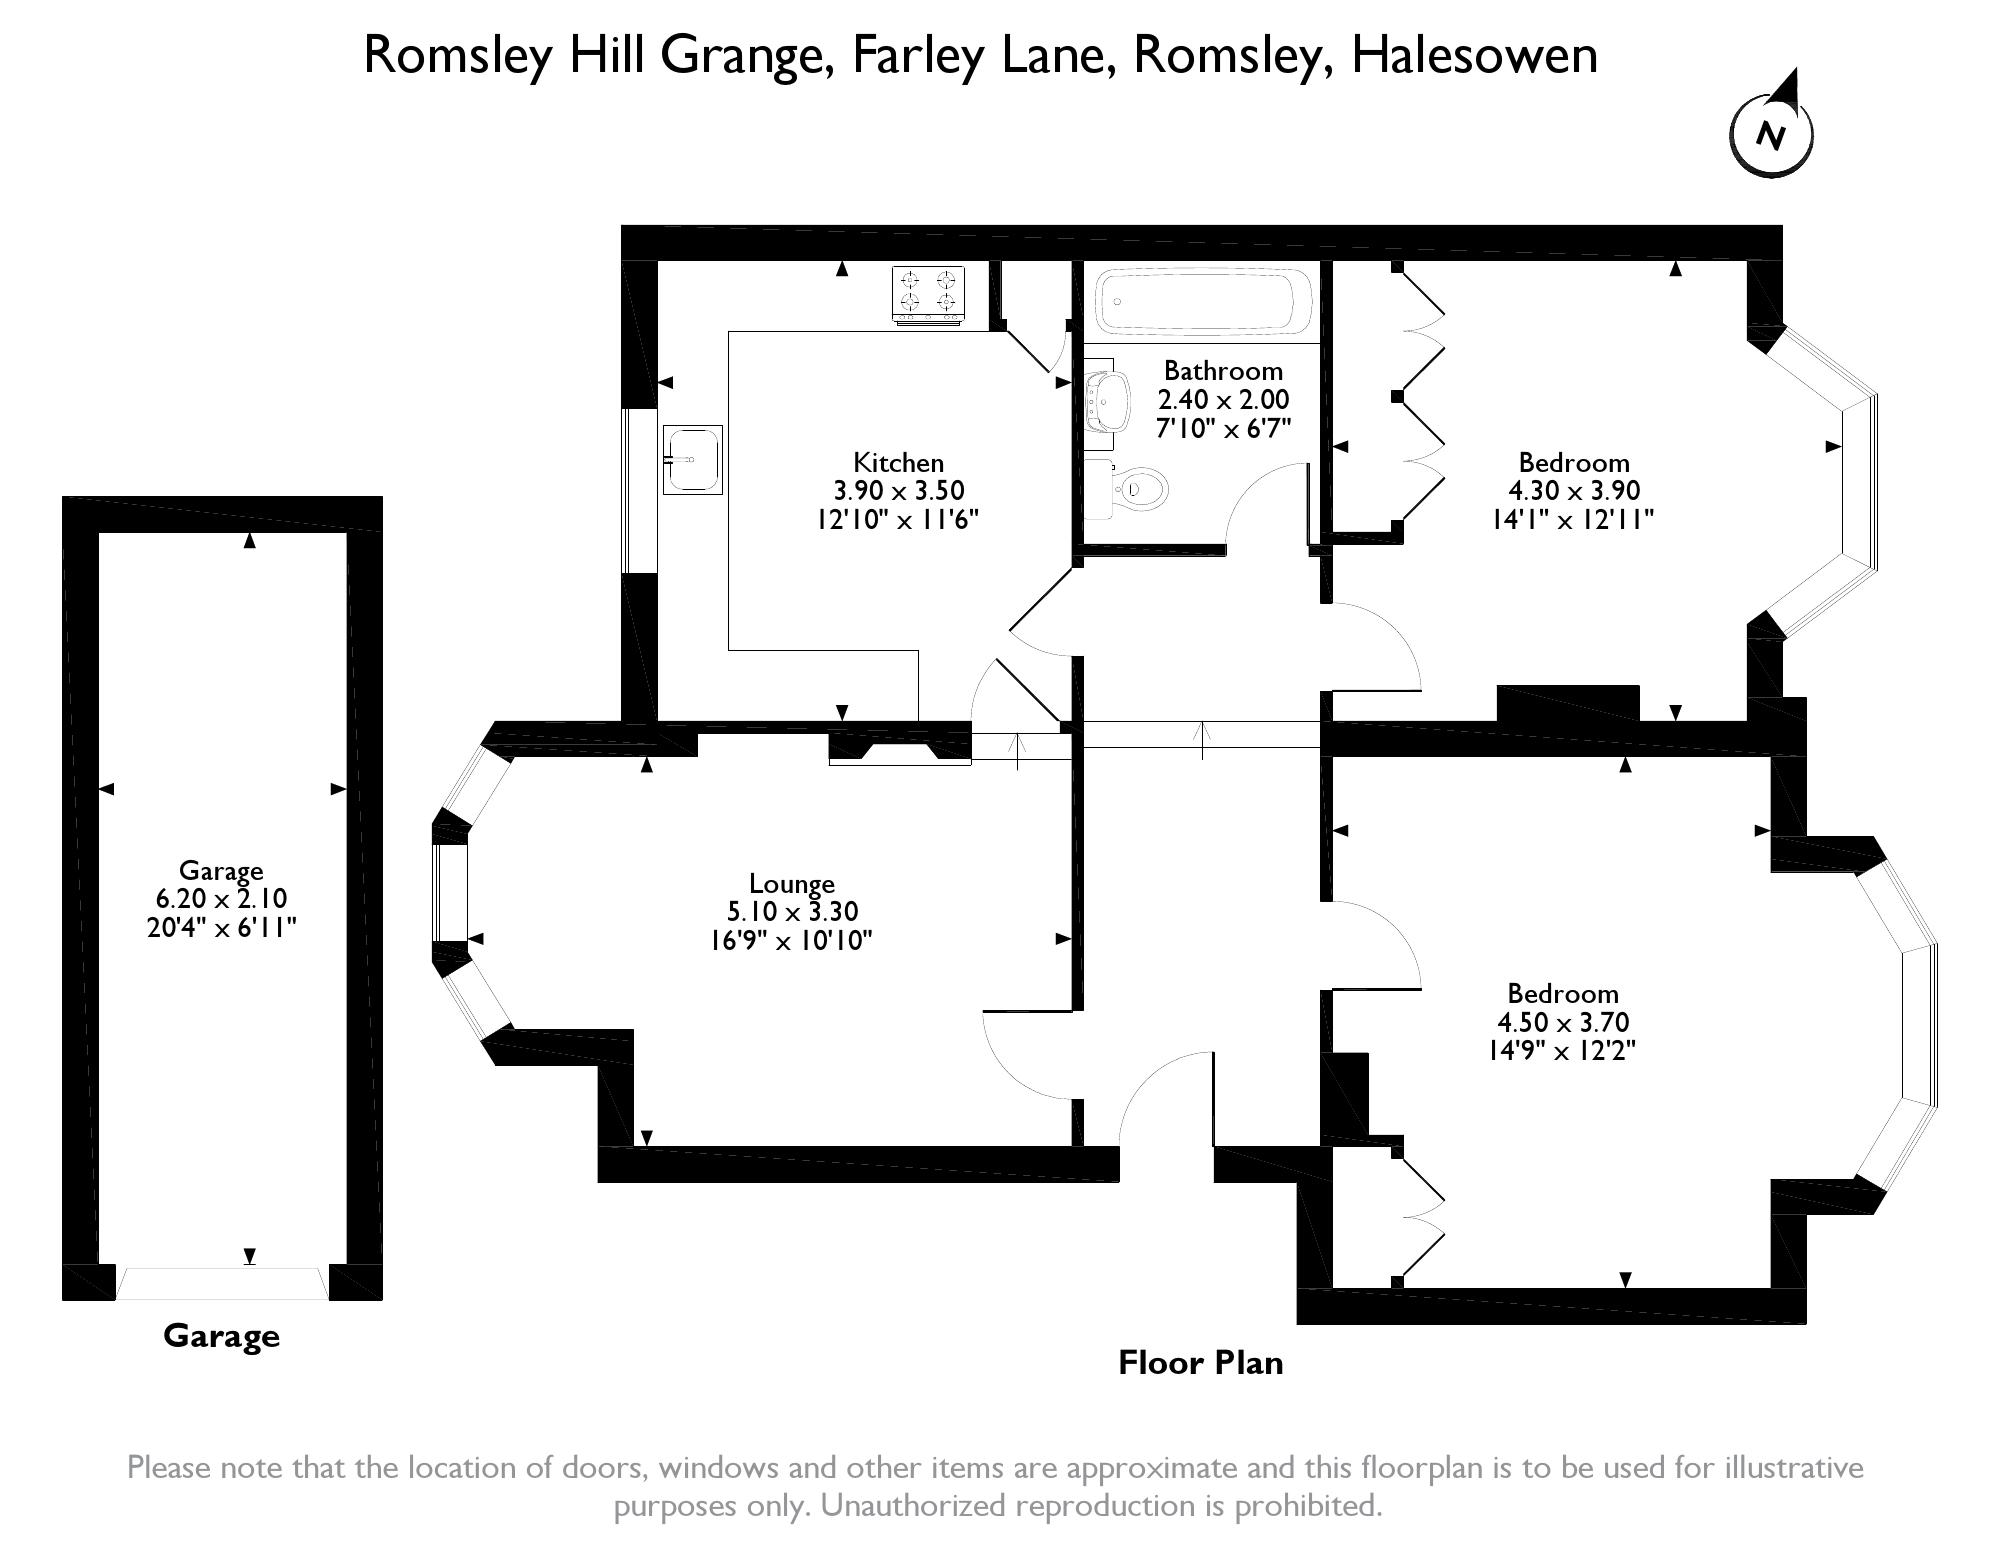 2 bed flat for sale in flat  romsley hill grange  farley lane  romsley  halesowen b62